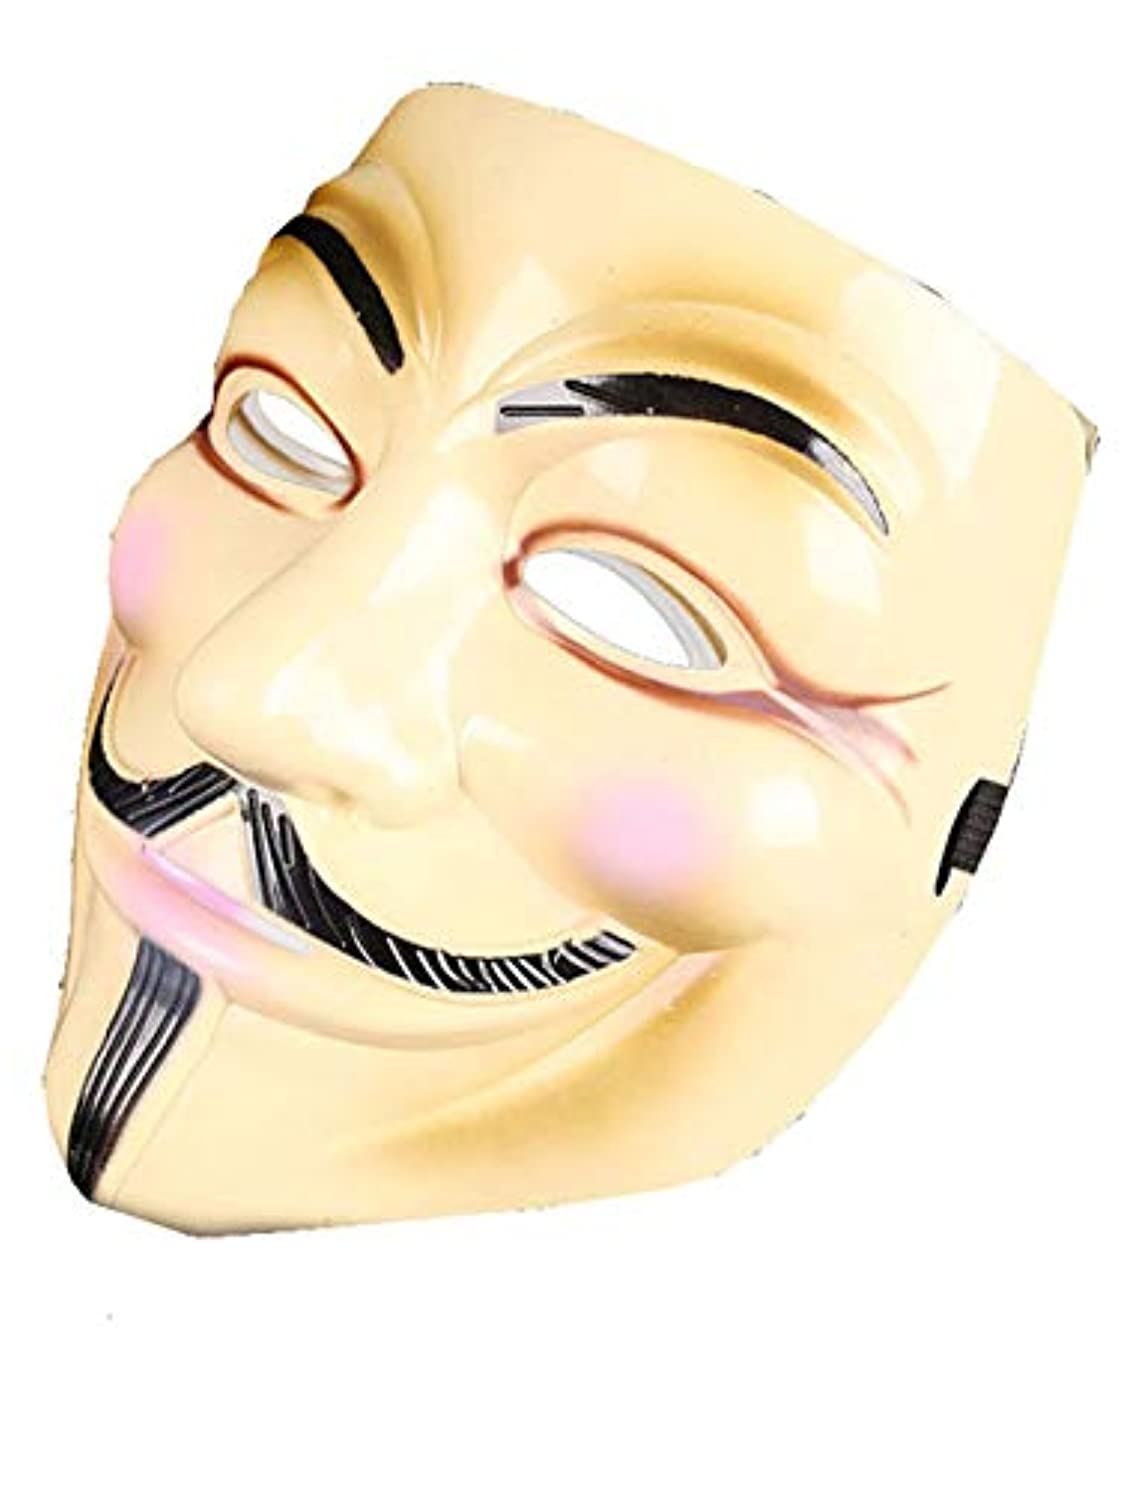 存在する象洞窟ハロウィーンマスクホラーコスチュームパーティーコスプレの小道具、VendettaのV (Color : BRASS)